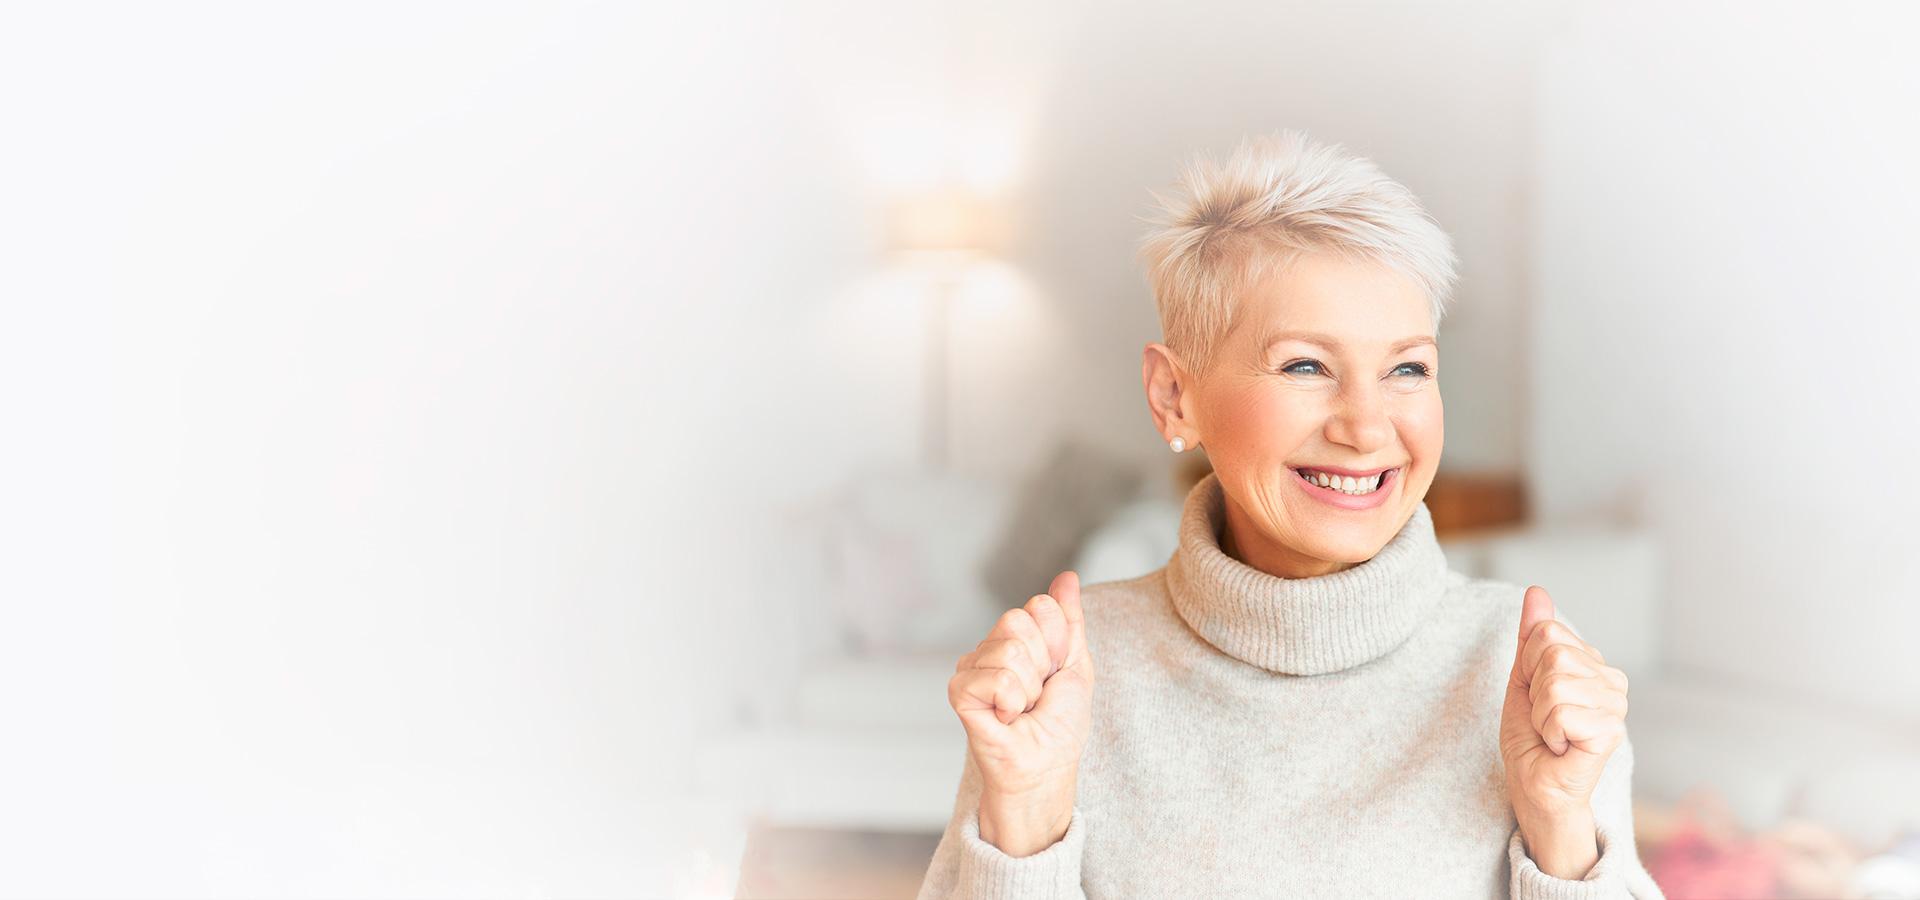 Glückliche ältere Frau zuhause im Wohnzimmer die sich ganz besonders freut